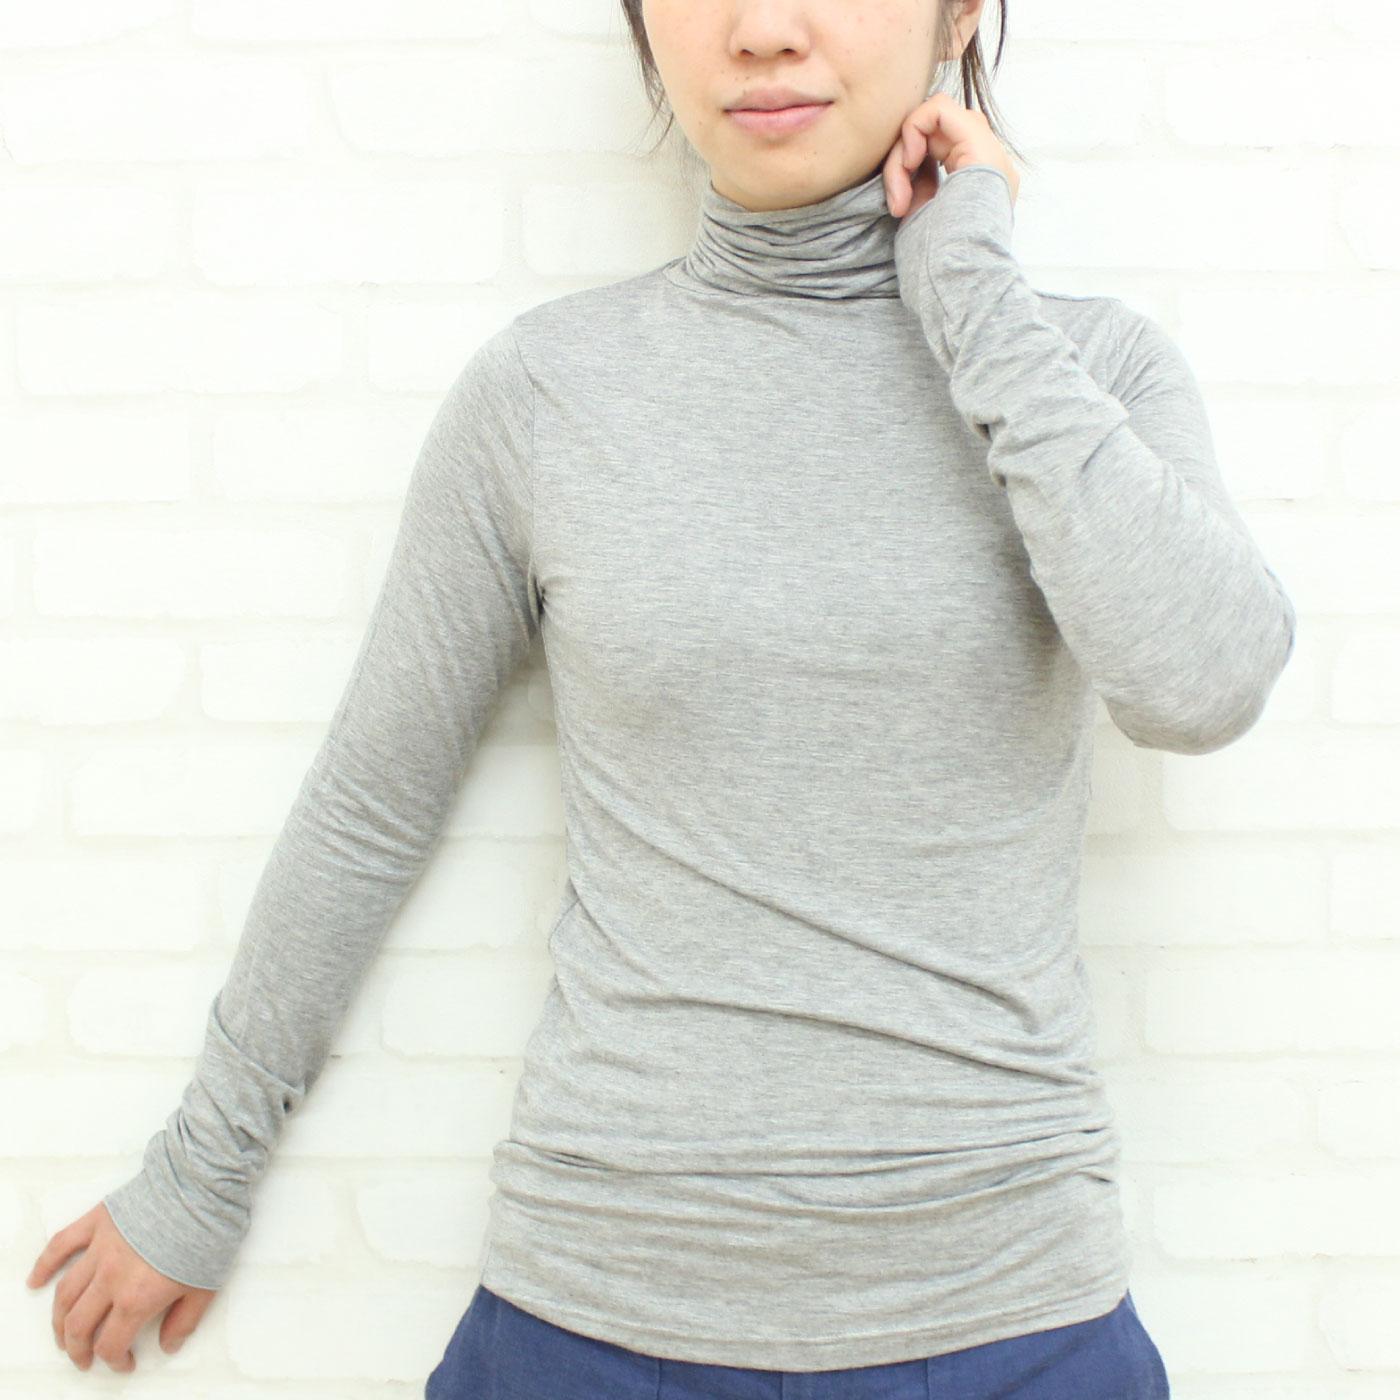 オーバークローズ 柔らか薄手で重ね着に重宝 シンプルタートルネックトップス